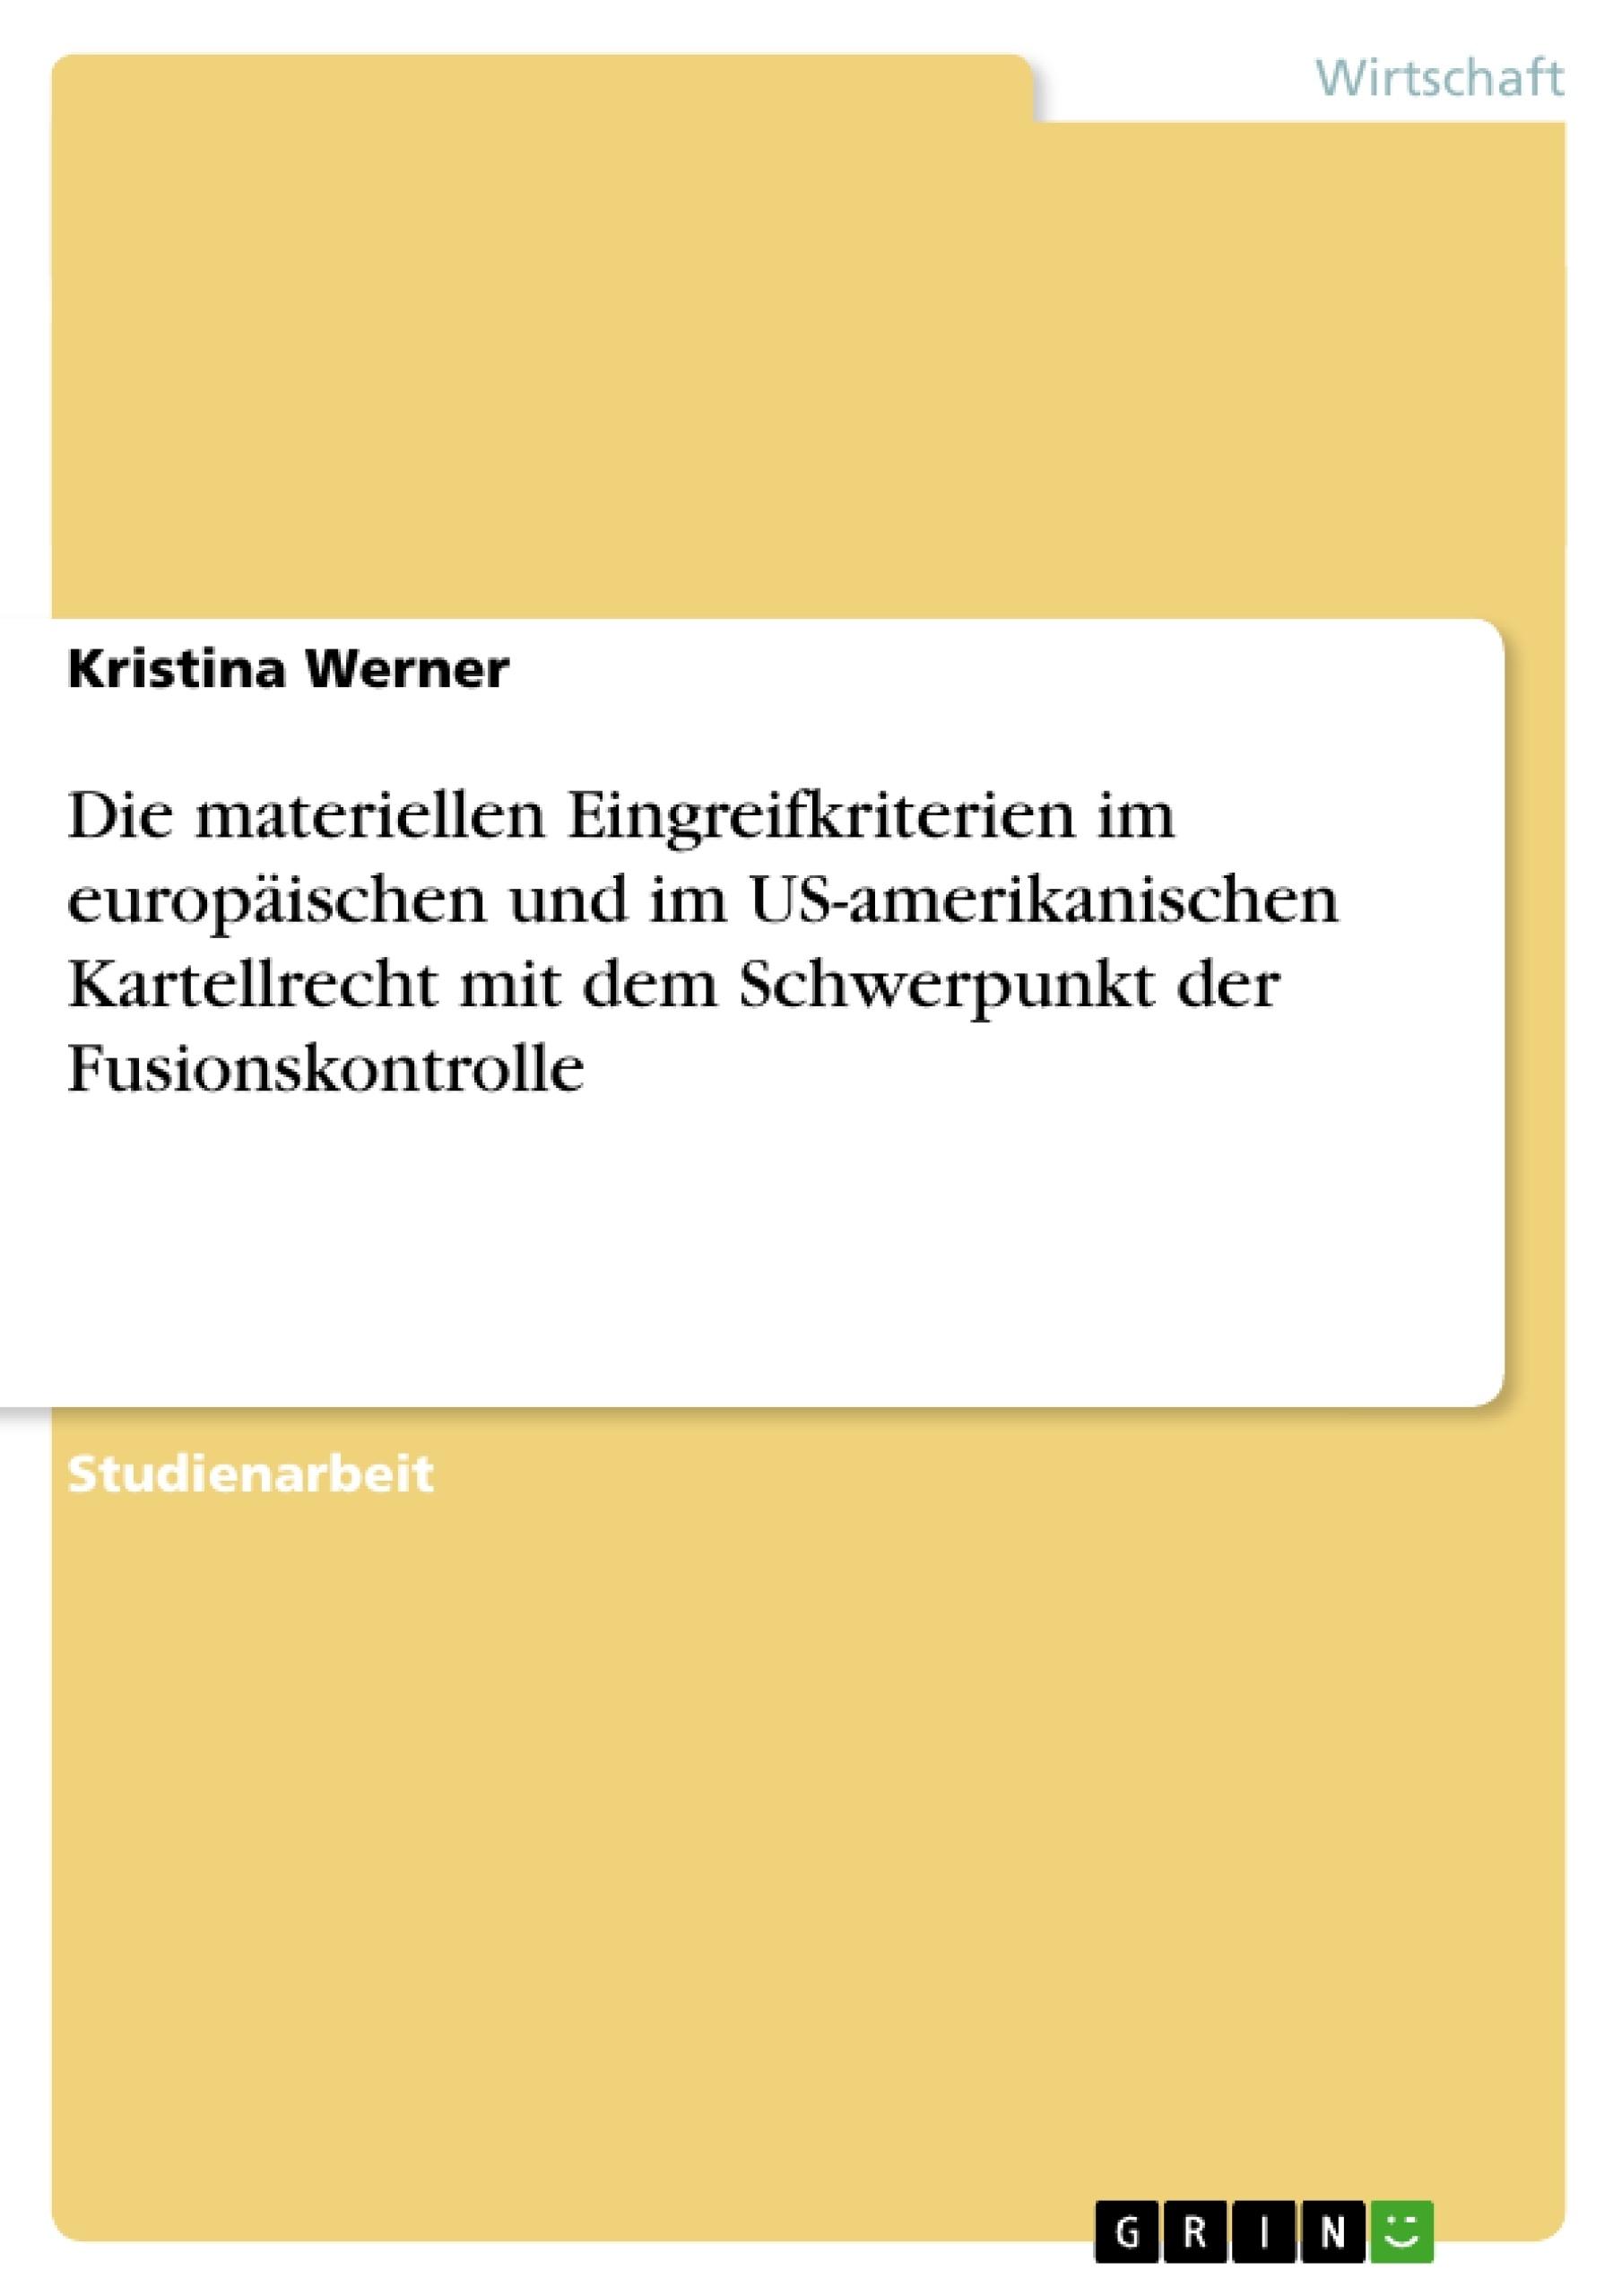 Titel: Die materiellen Eingreifkriterien im europäischen und im US-amerikanischen Kartellrecht mit dem Schwerpunkt der Fusionskontrolle